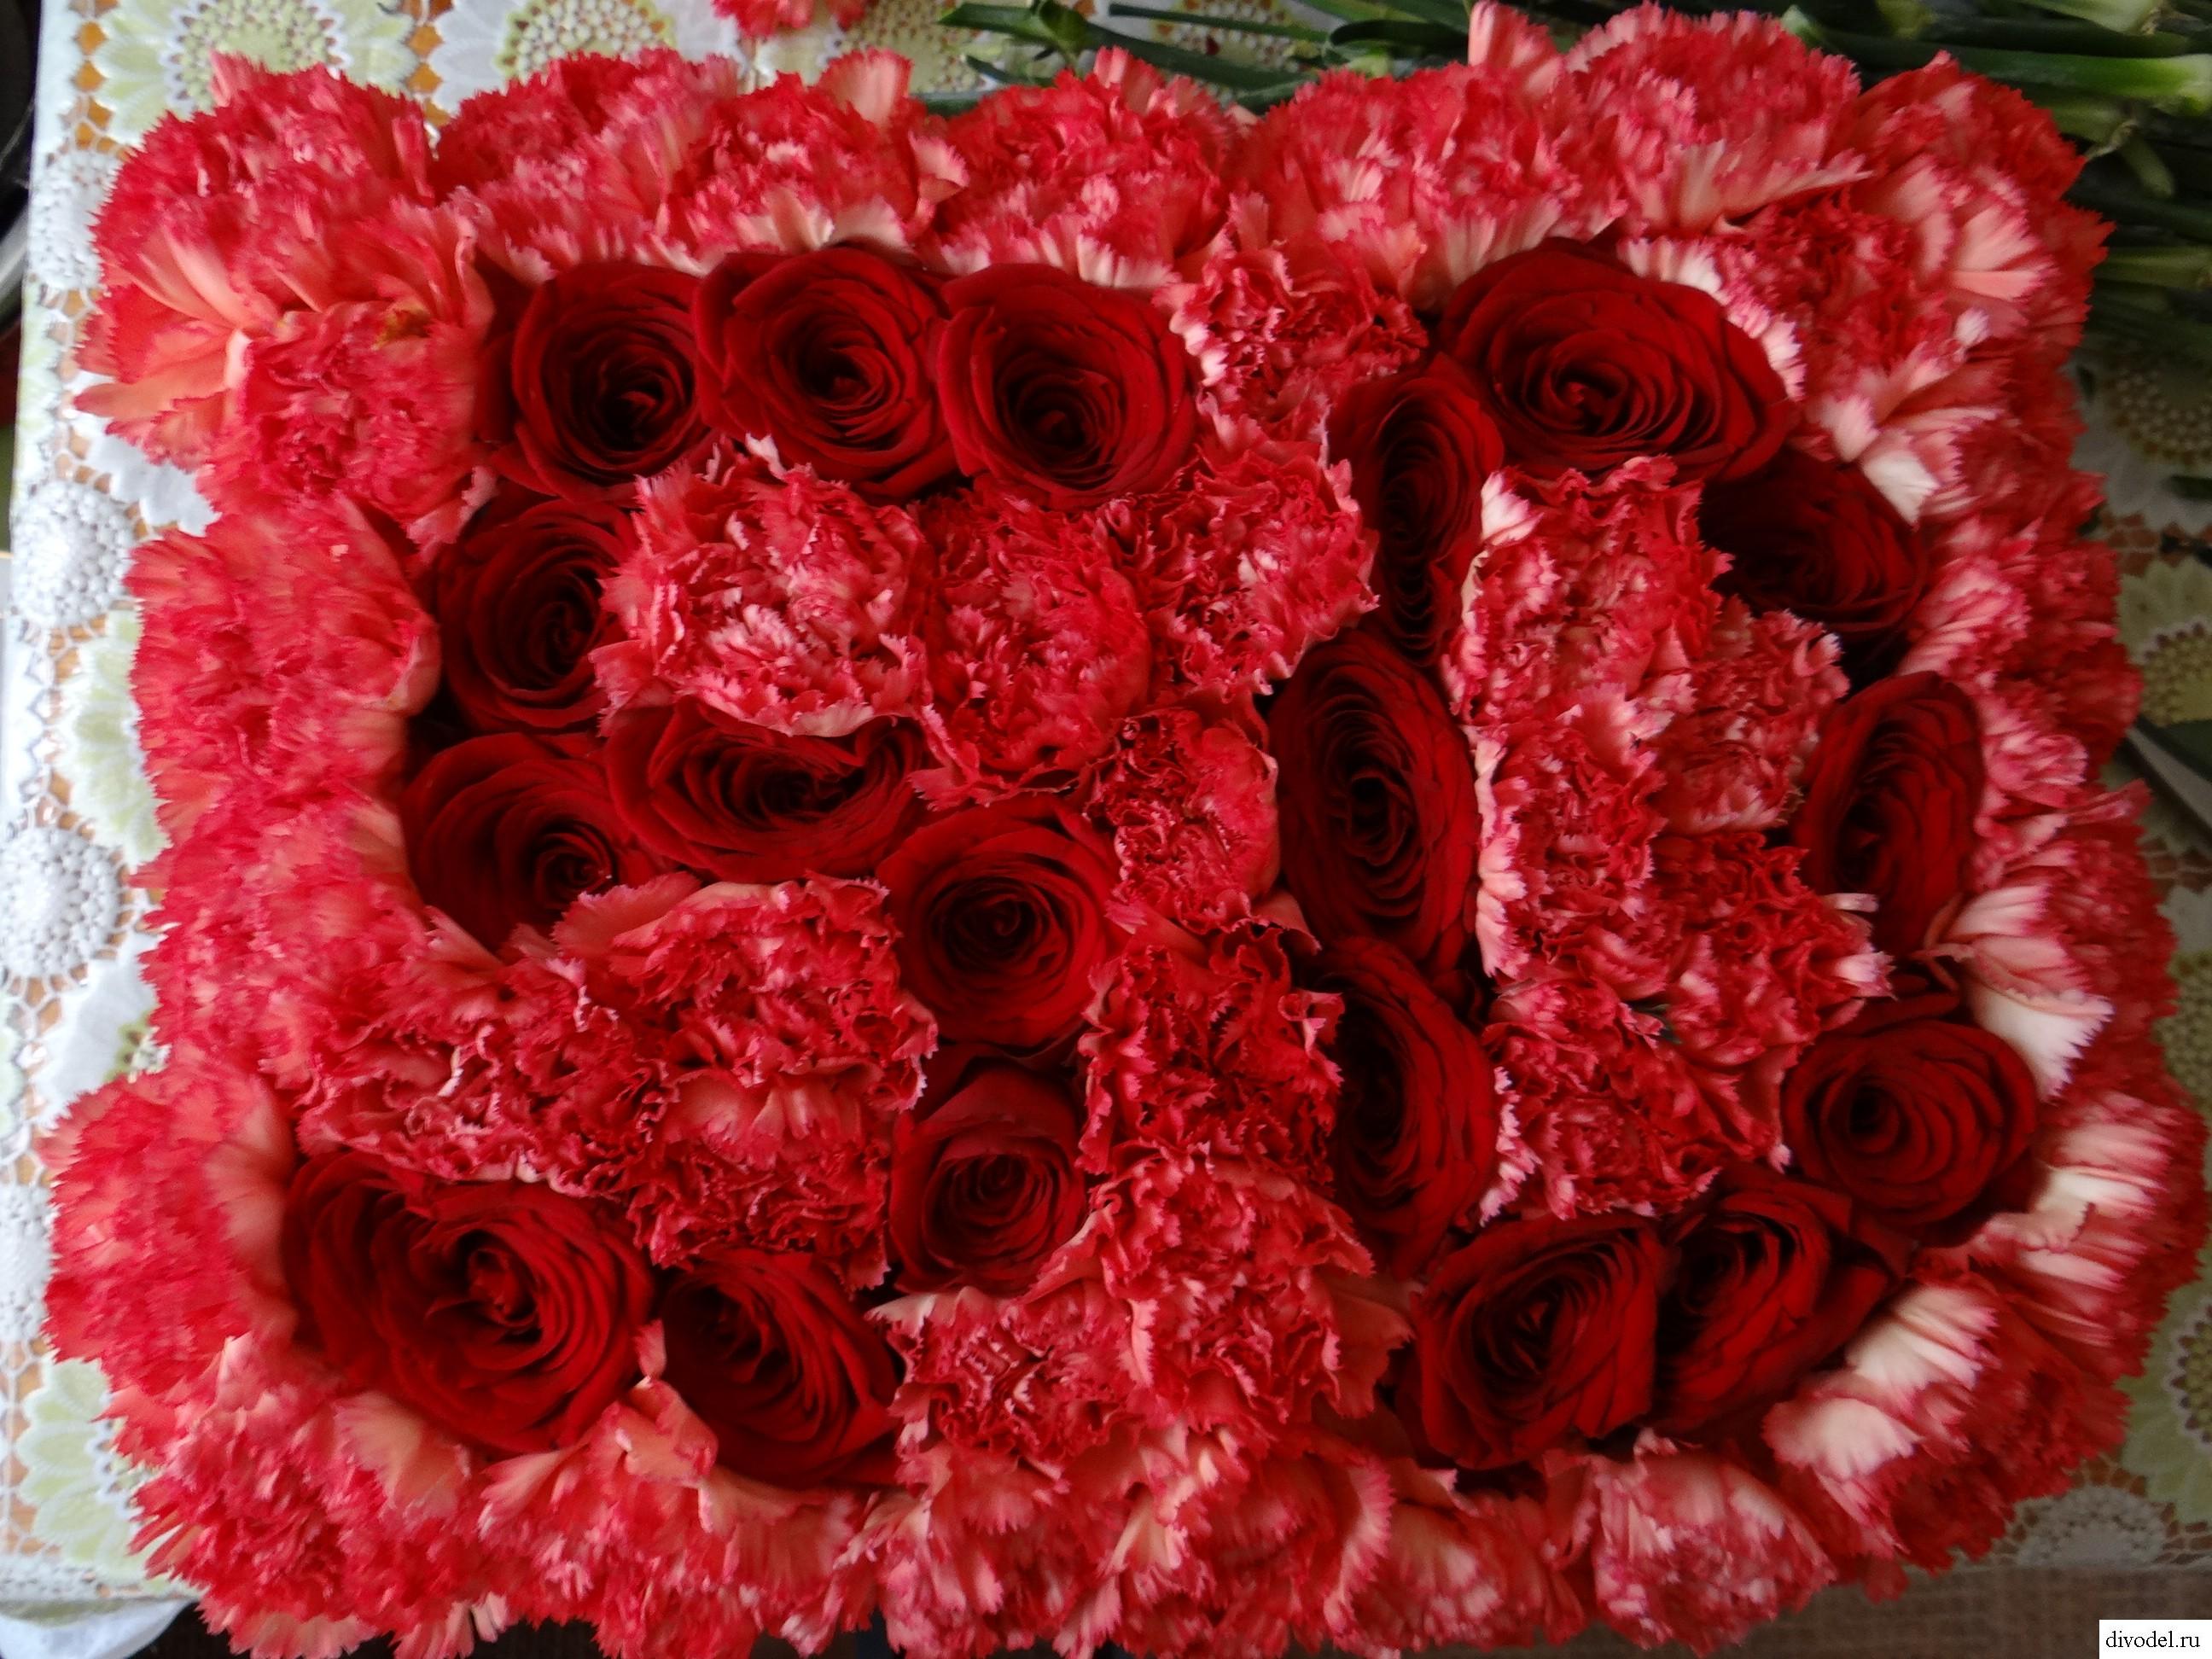 оригинальный подарок на юбилей: Подарок на юбилей 50 лет из цветов